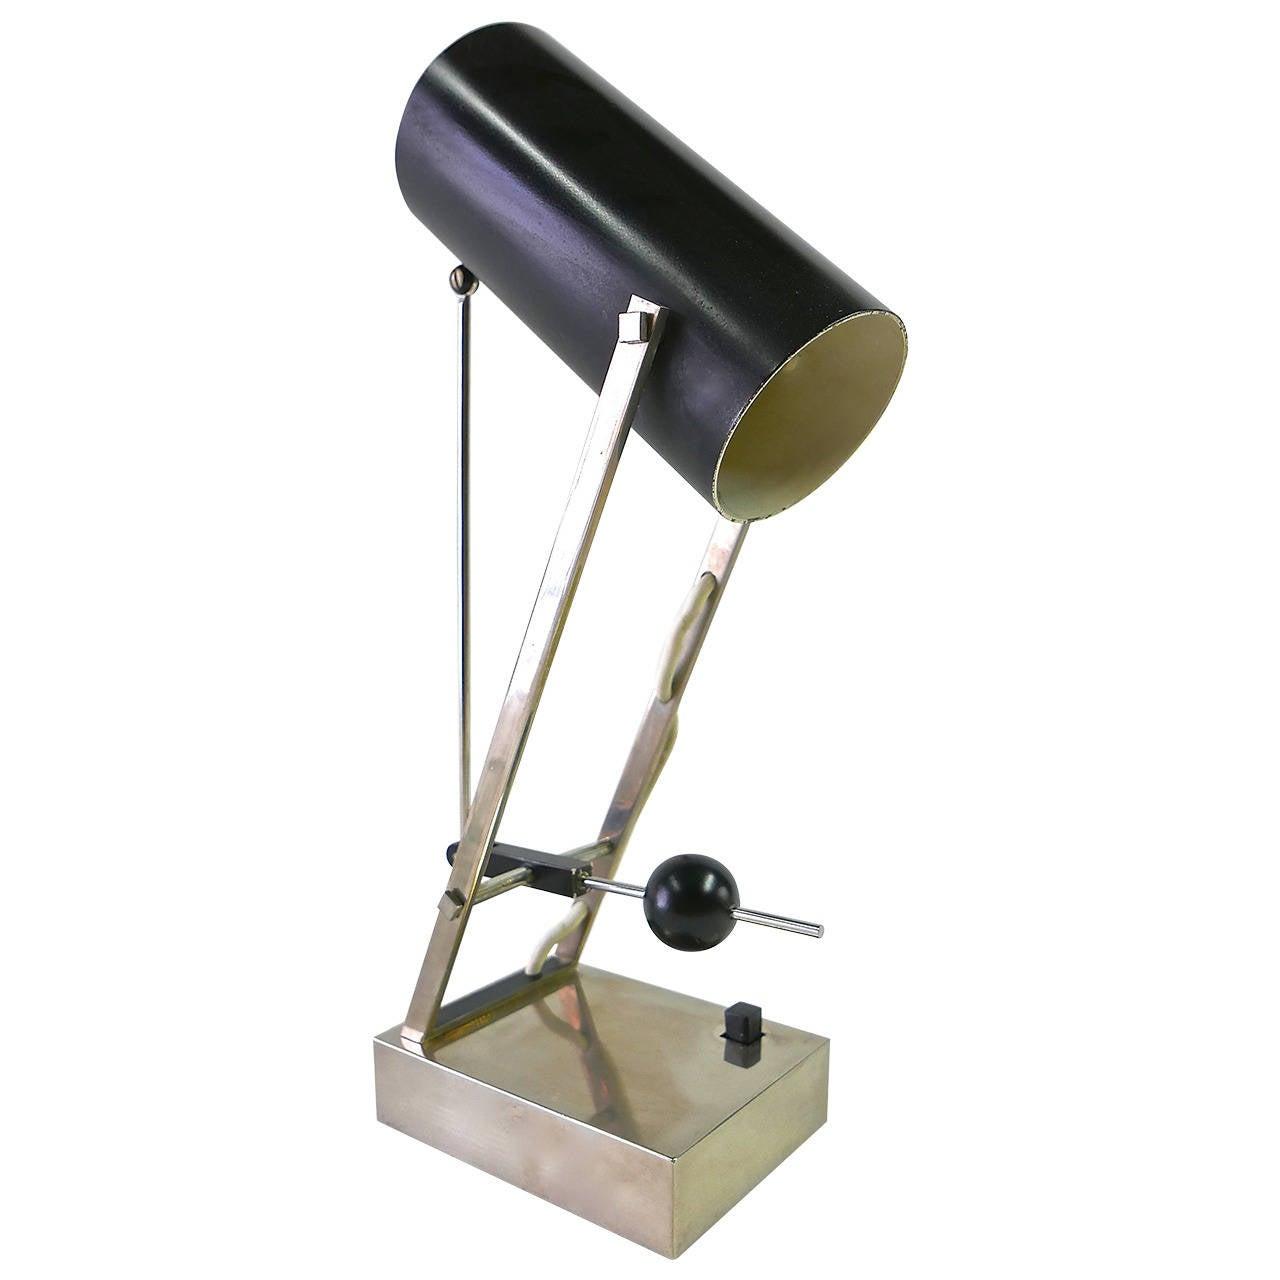 Angelo lelli table lamp for arredoluce at 1stdibs for Arredo luce